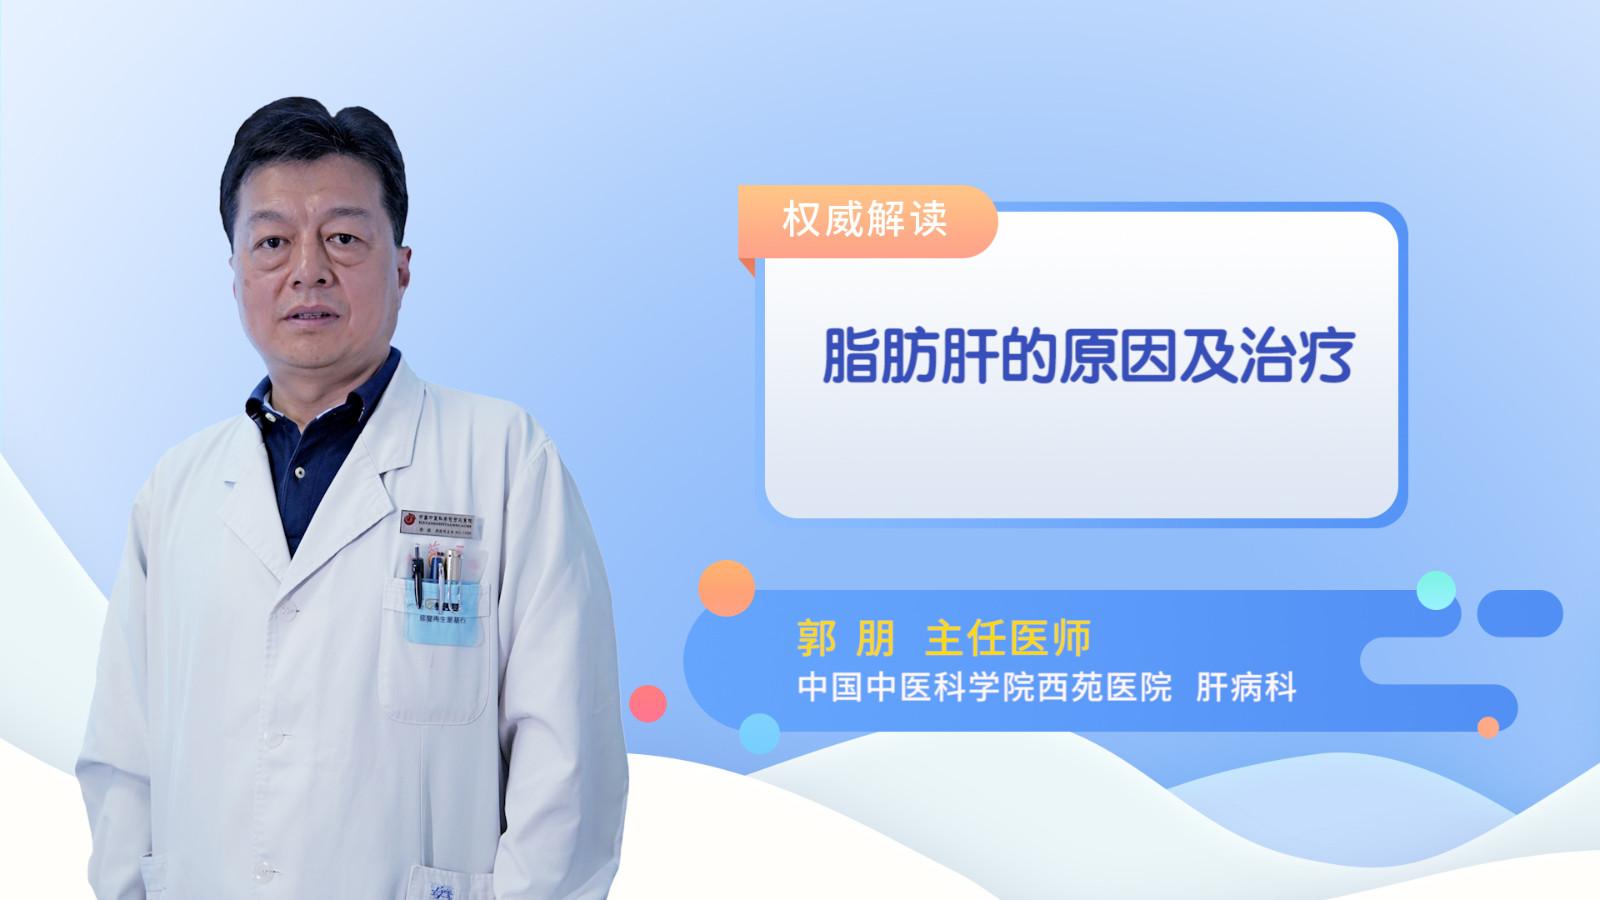 脂肪肝的原因及治疗